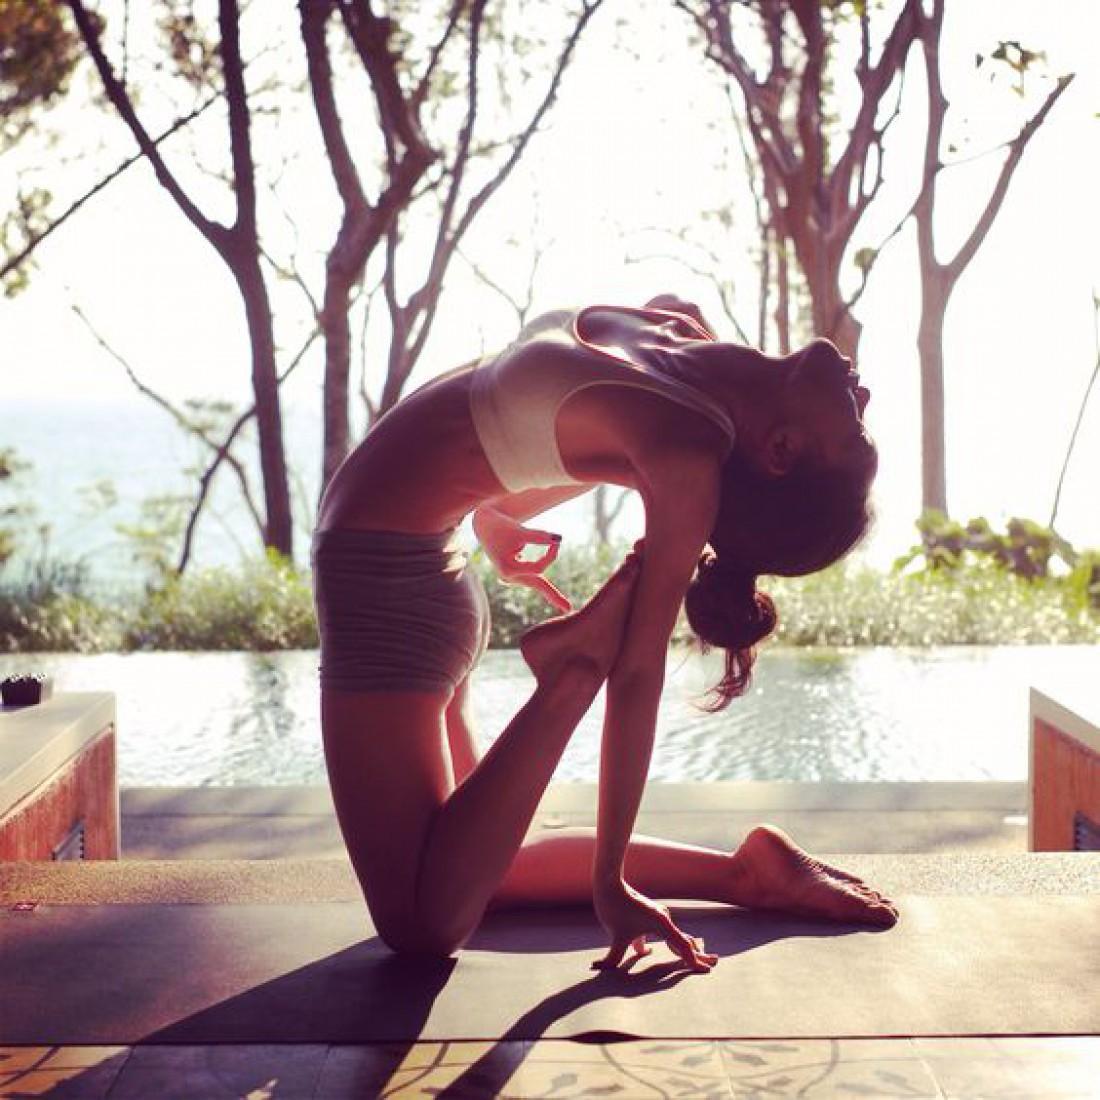 Йога полезна для здоровья